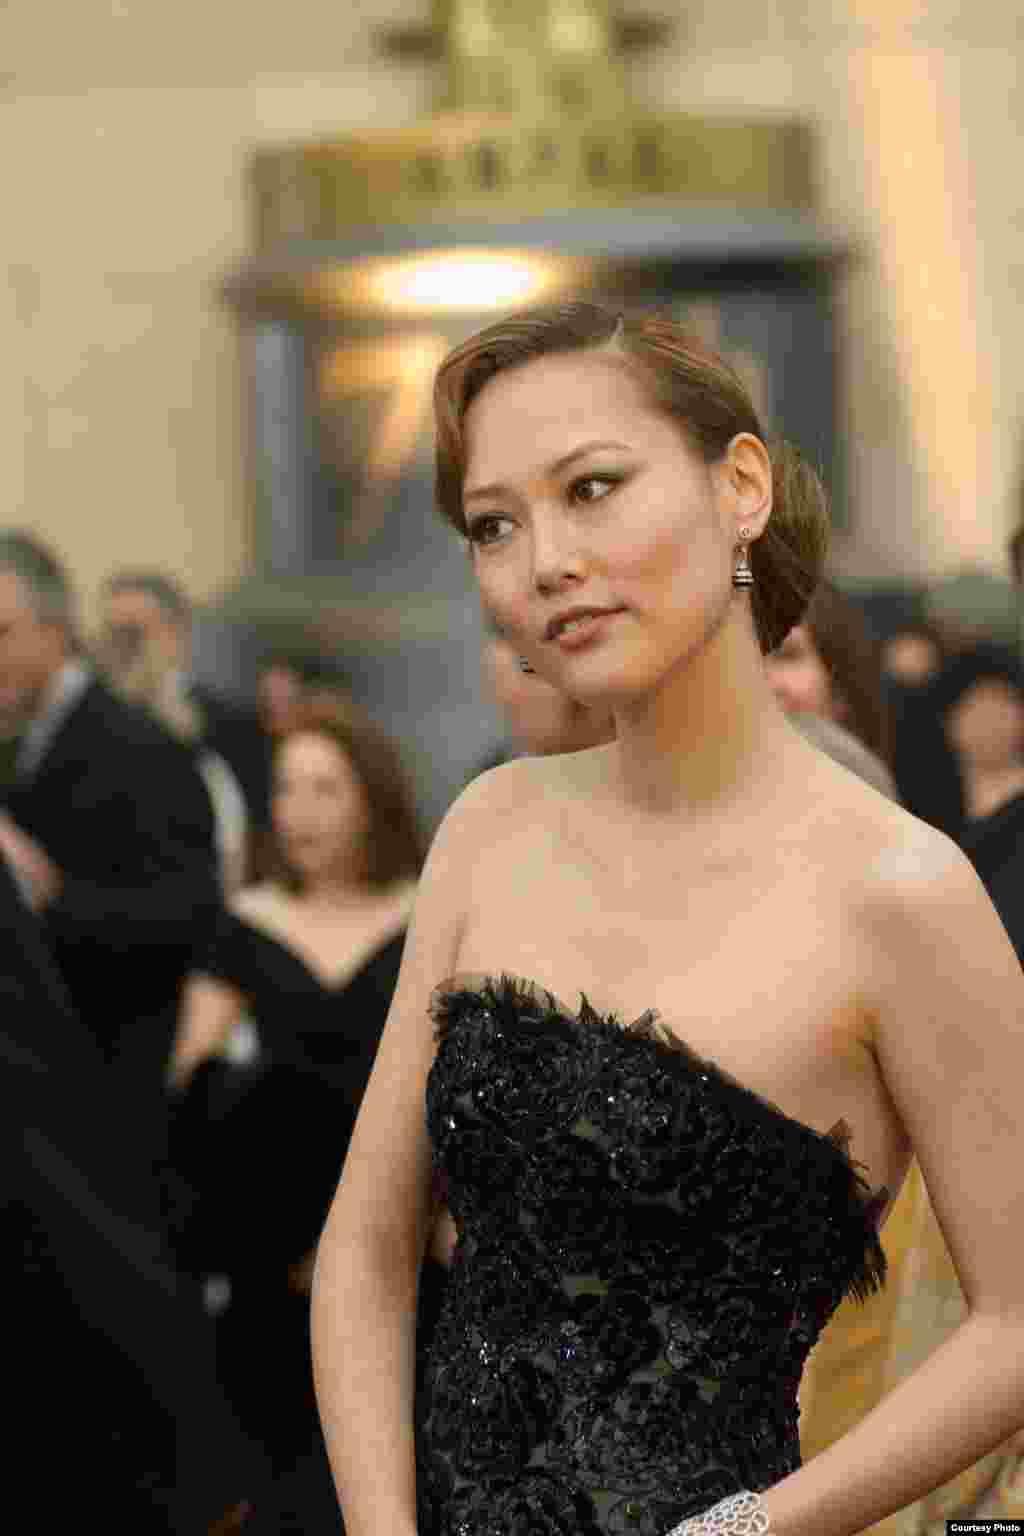 این خانم بازیگر خیلی خوبی است ! فیلم «بابل» را ببینید تا شما هم به نتیجه مشابه برسید!